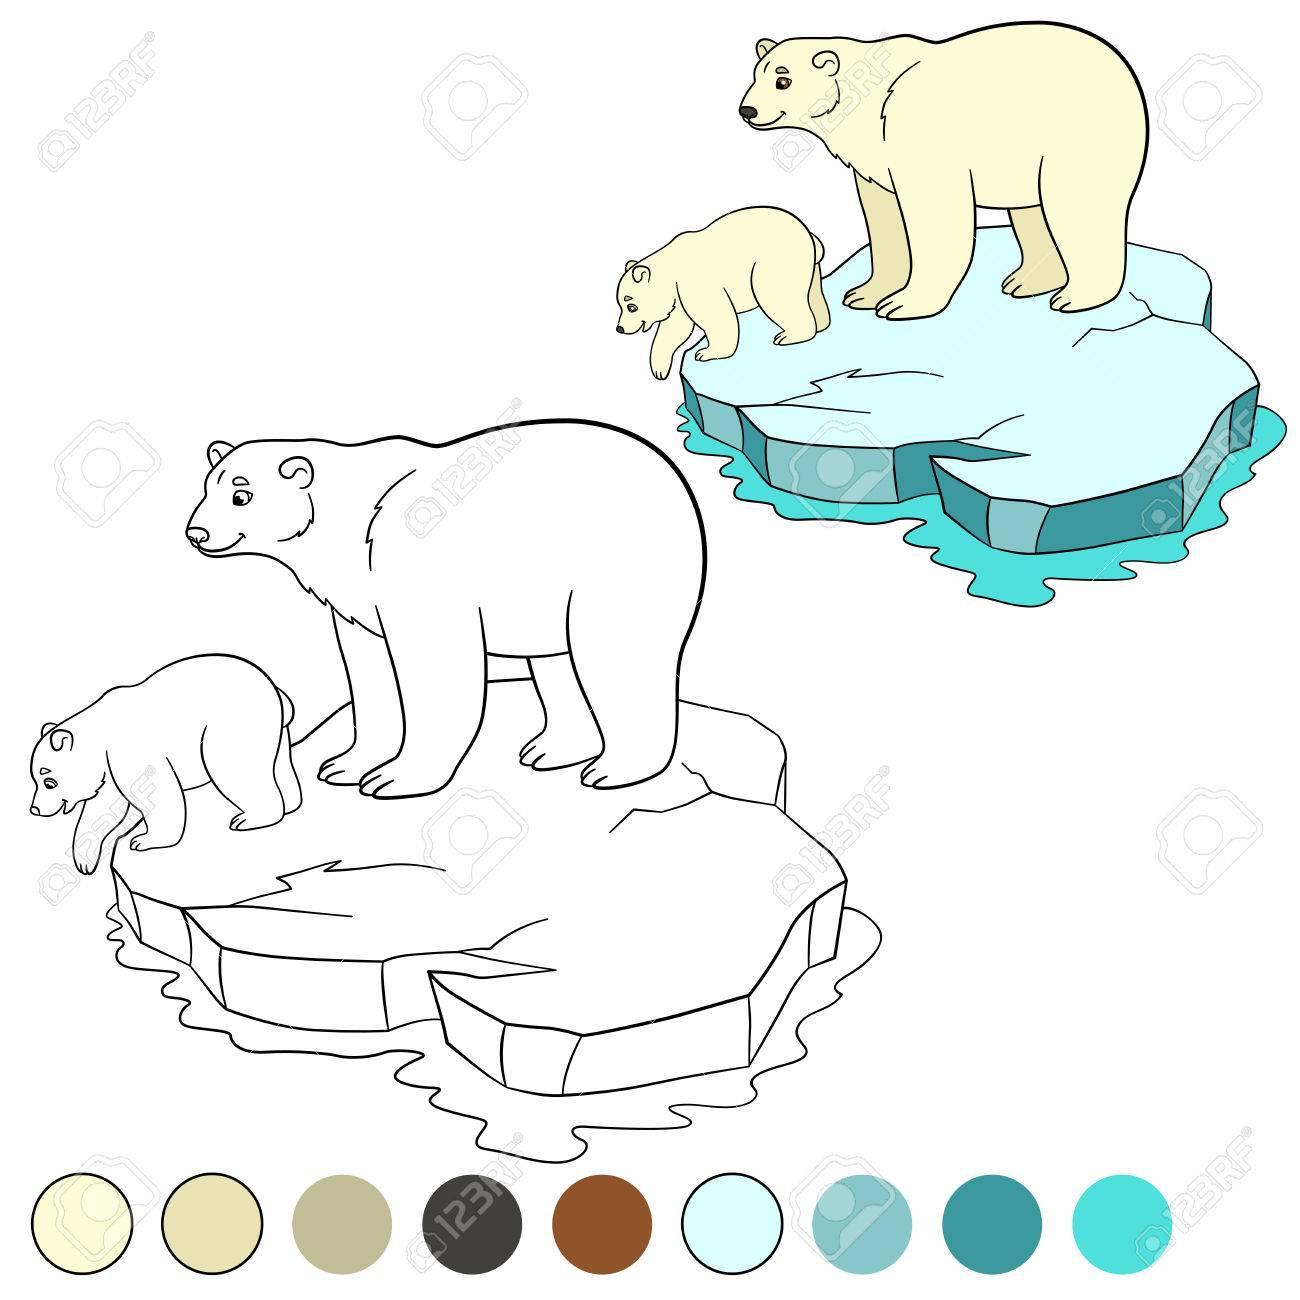 Dibujo Para Colorear. Madre Del Oso Polar Se Encuentra En El Témpano ...